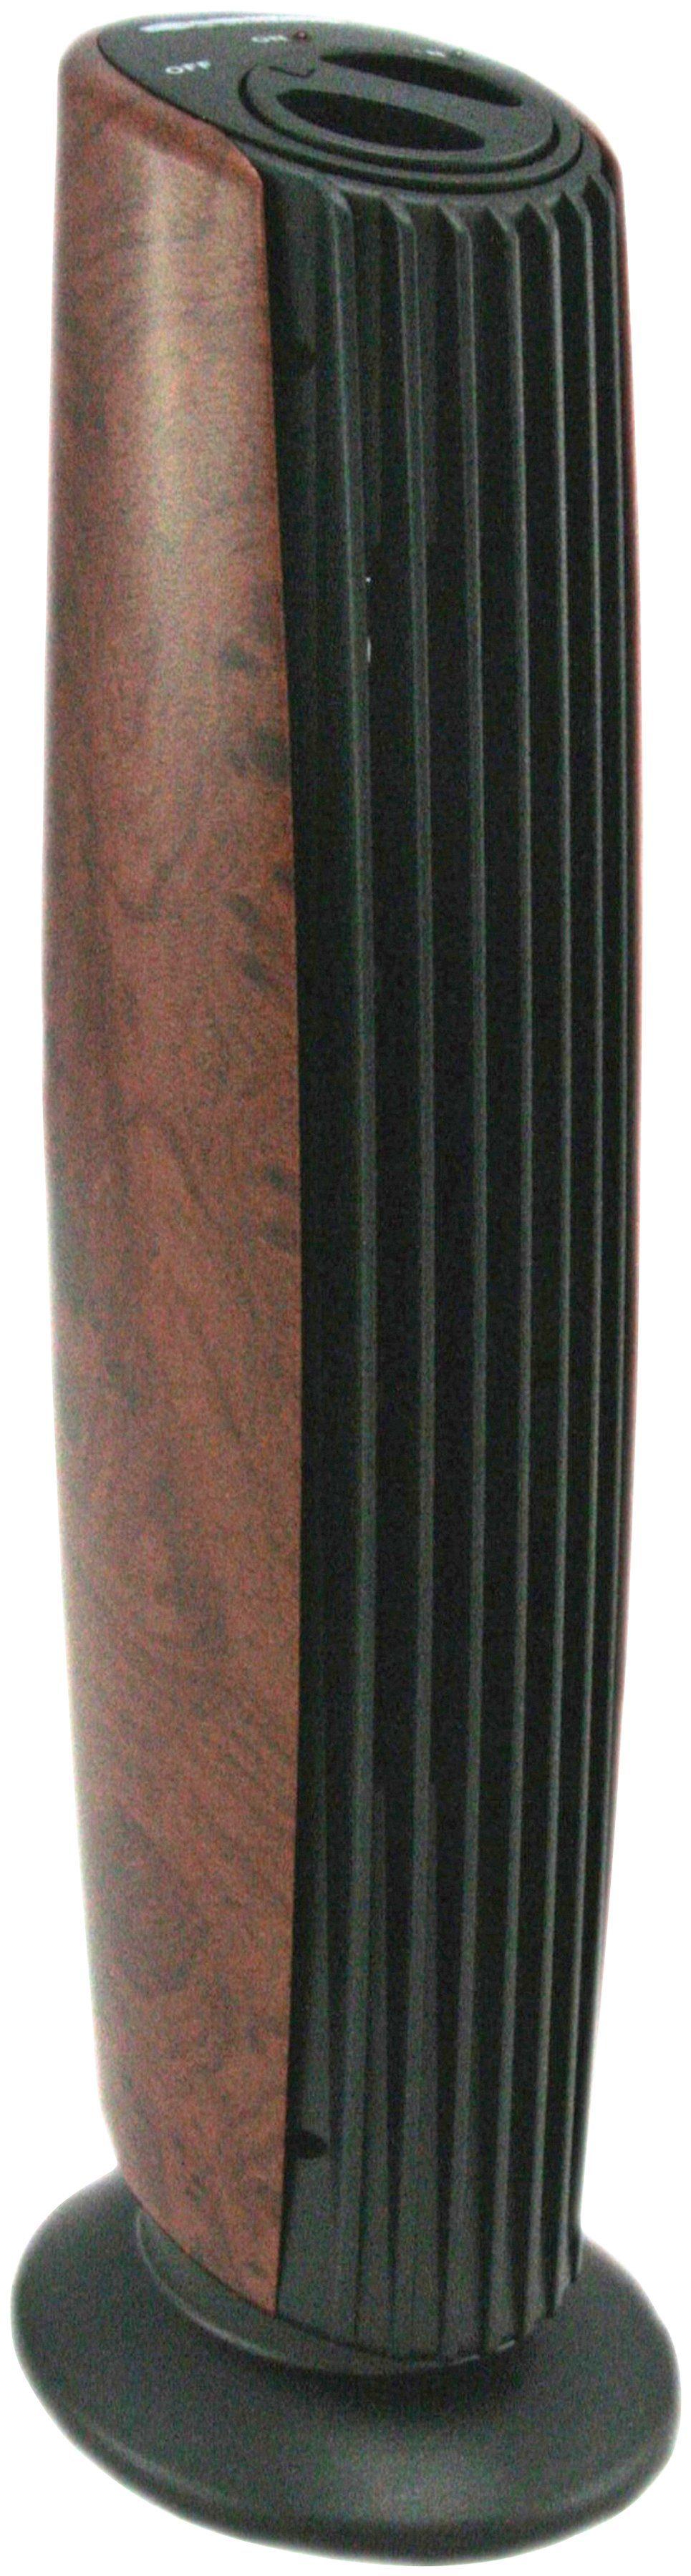 SONNENKÖNIG Luftreiniger »Puro 2«, mit Ionisator